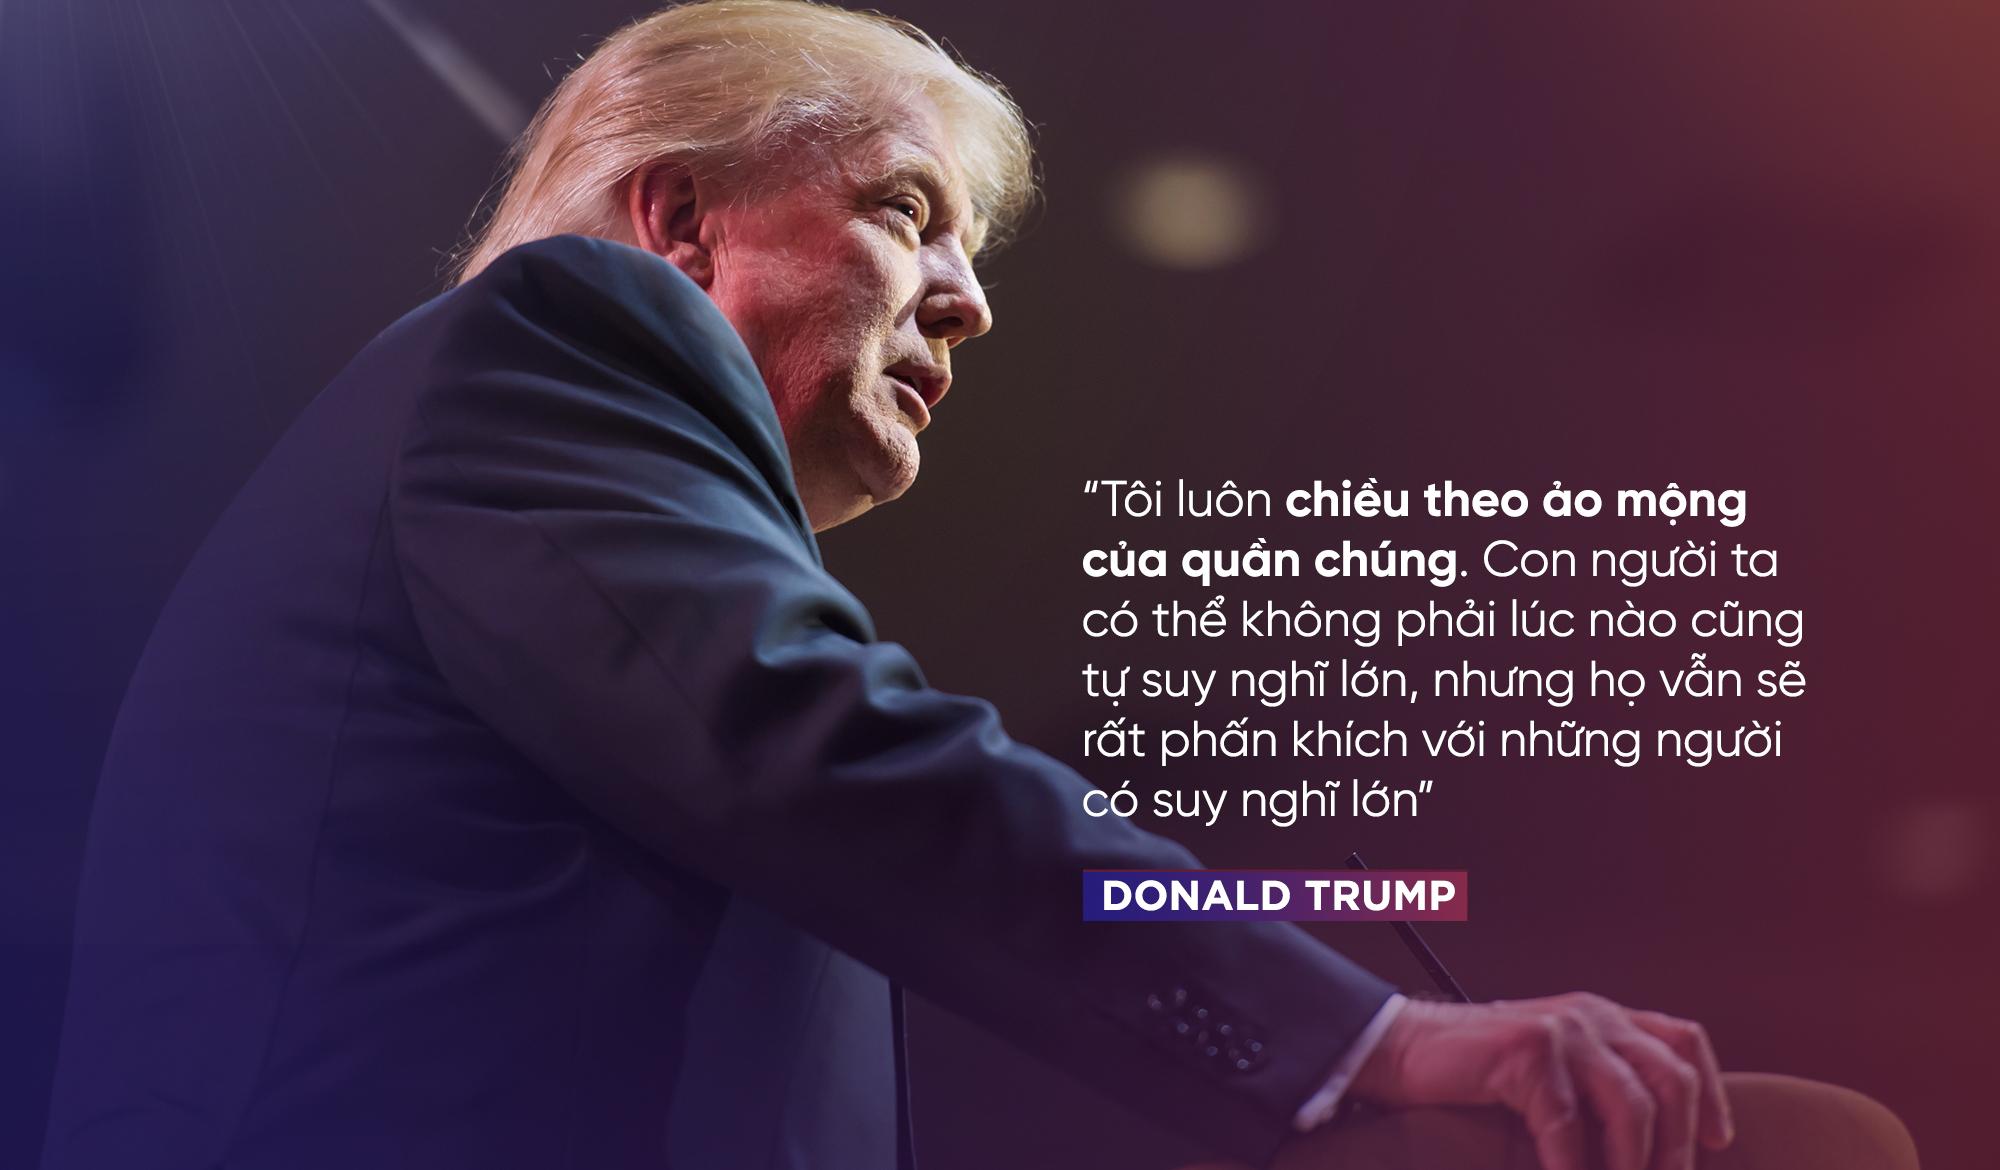 Donald Trump: Tôi luôn chiều theo ảo mộng của quần chúng - Ảnh 10.